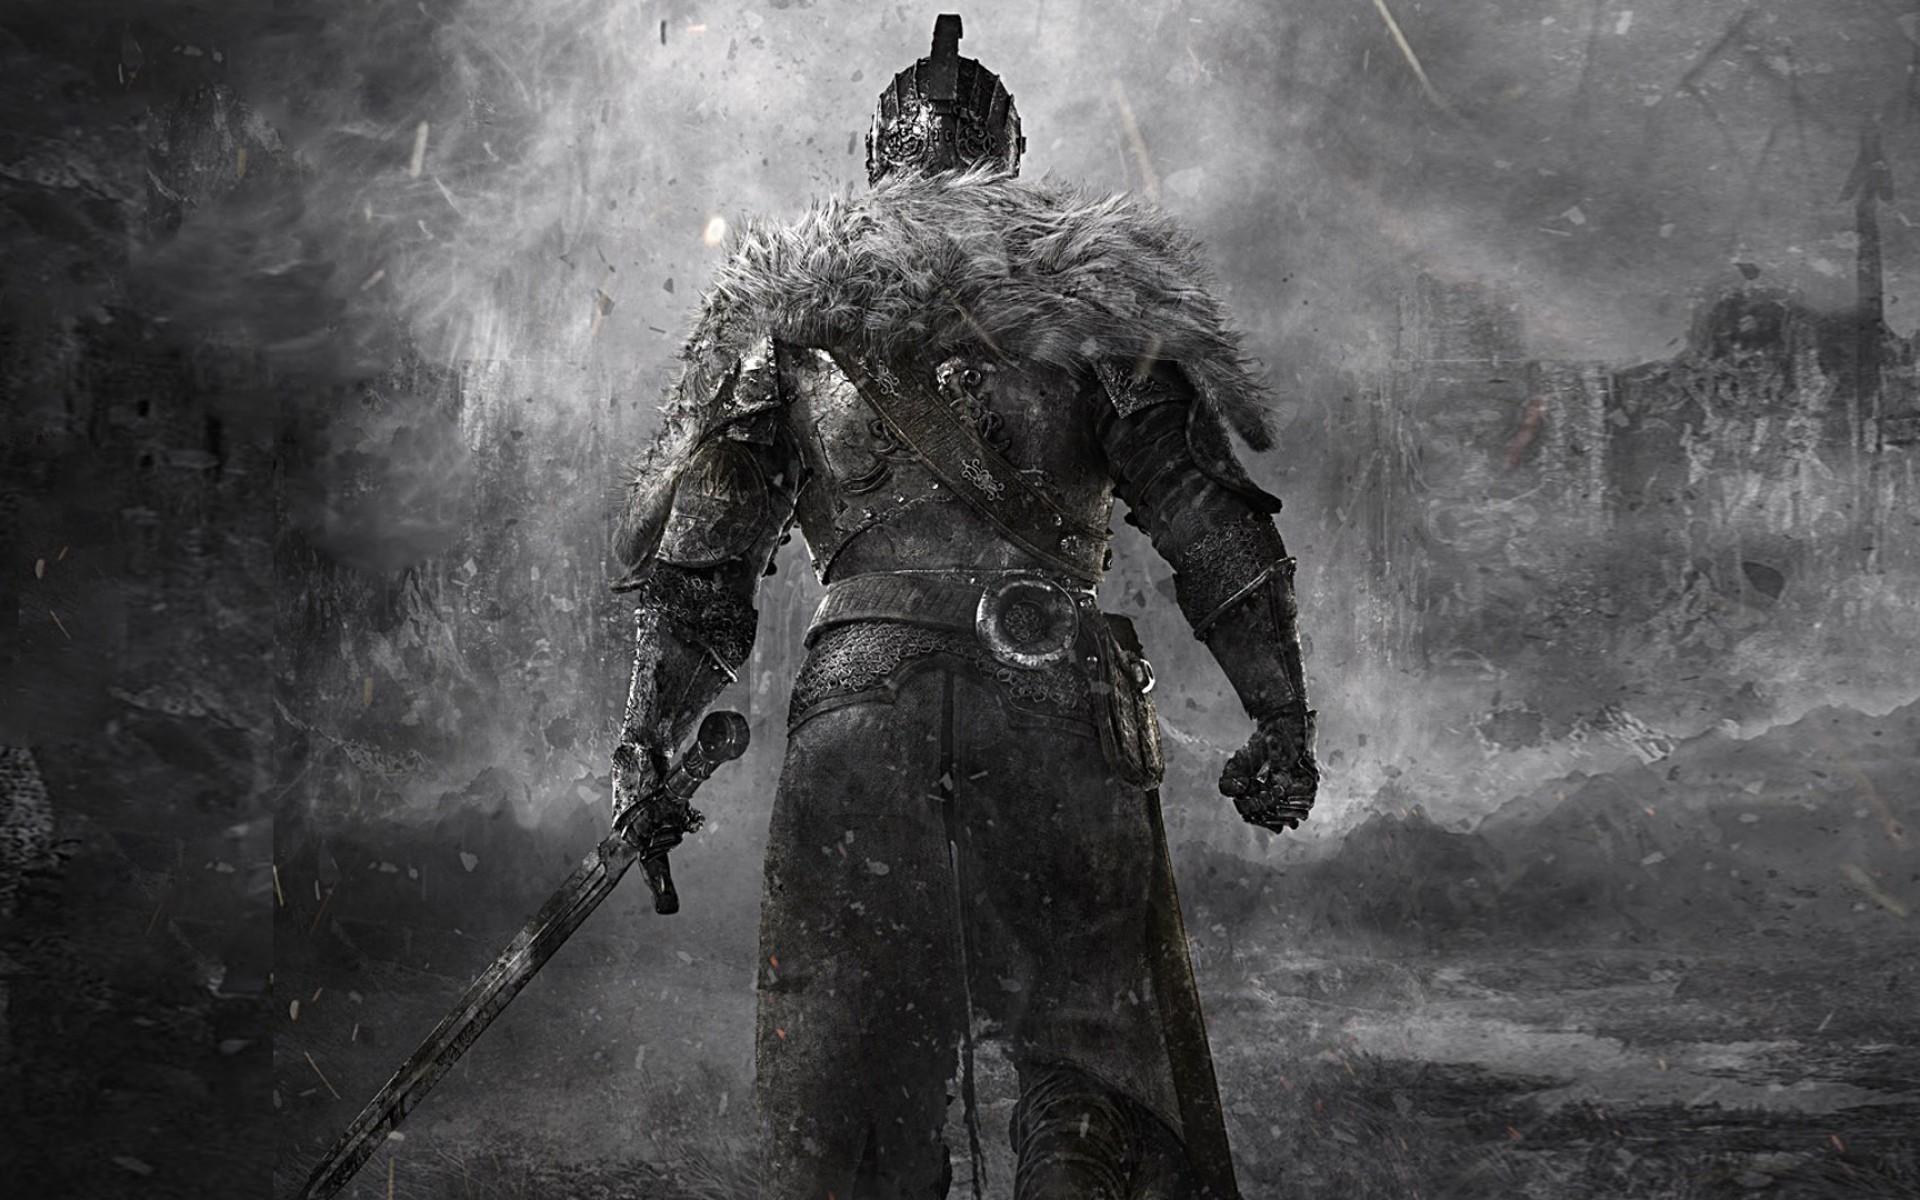 Knight Medieval Sword Dark Souls fantasy wallpaper 1920x1200 80533 1920x1200